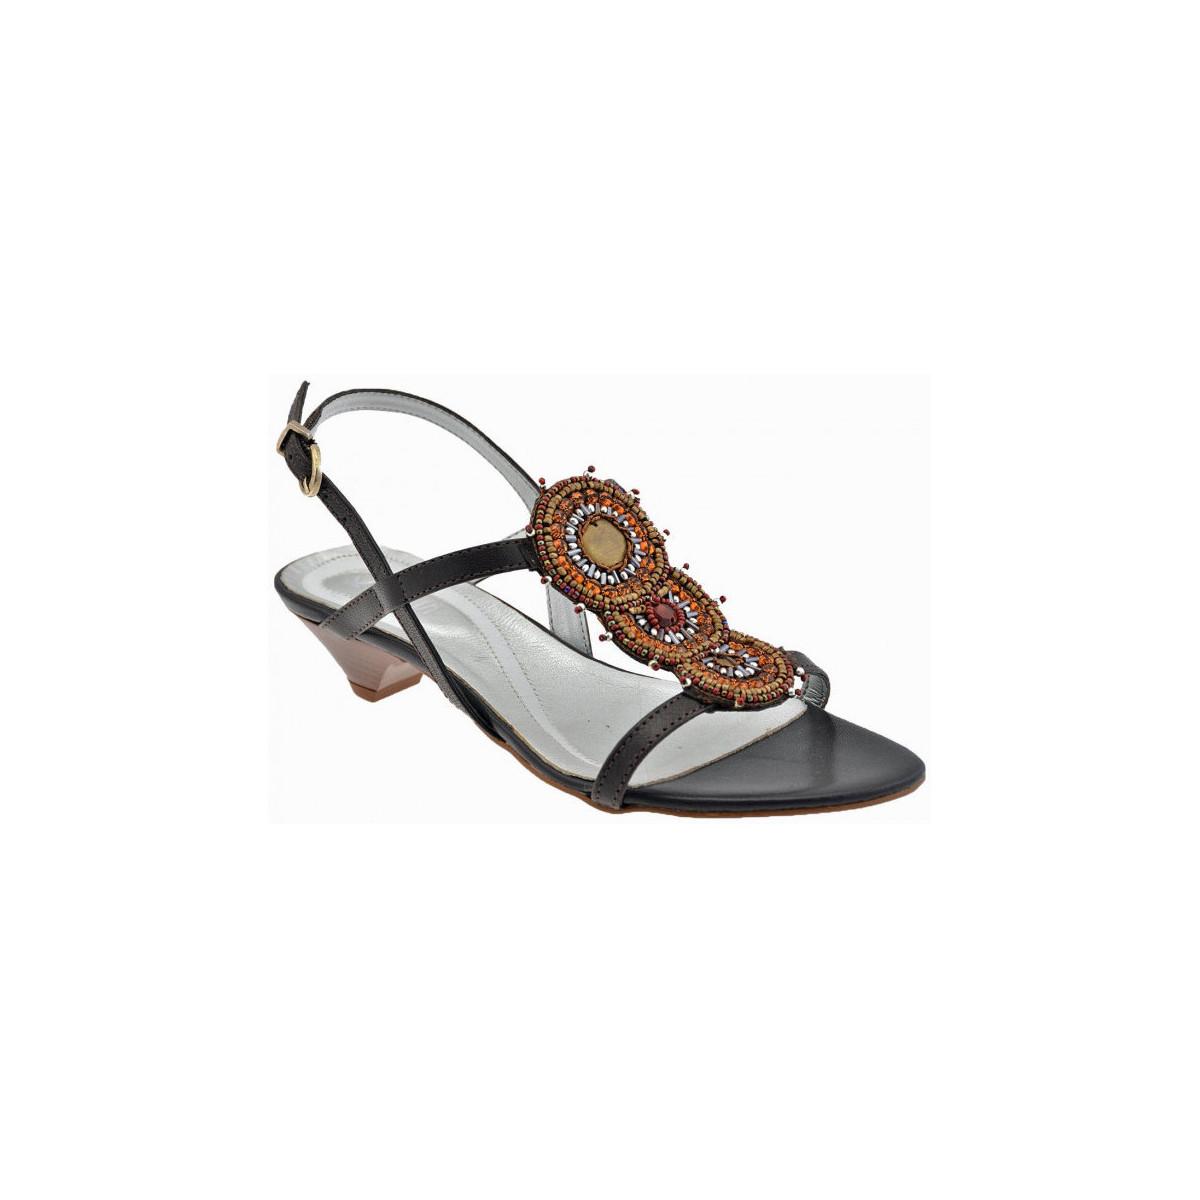 sandale keys dentelle classique casual montantes chaussures femme 53 13. Black Bedroom Furniture Sets. Home Design Ideas